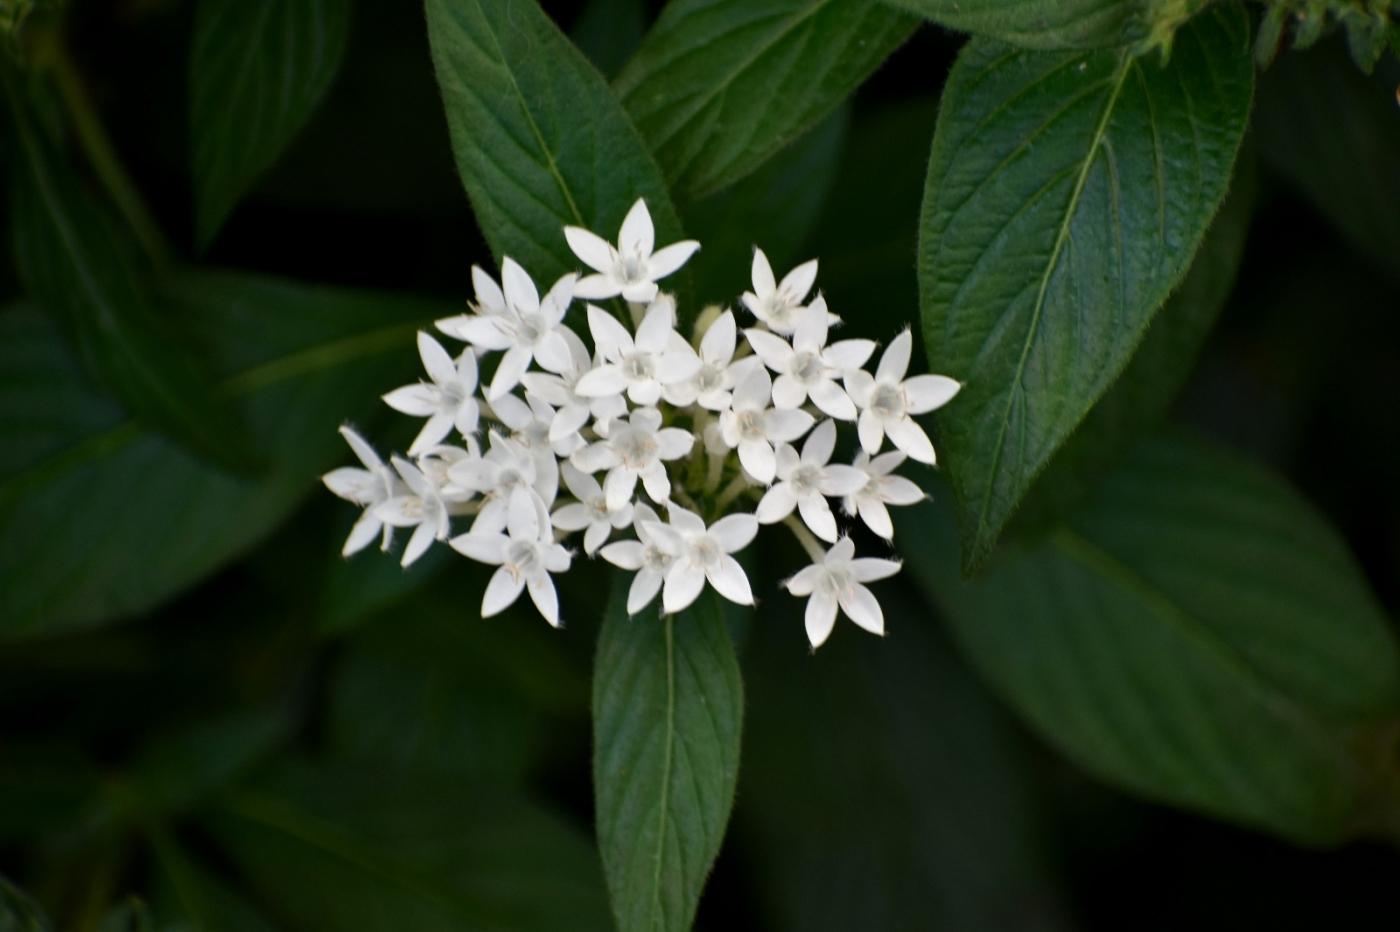 白花繁星花_图1-4